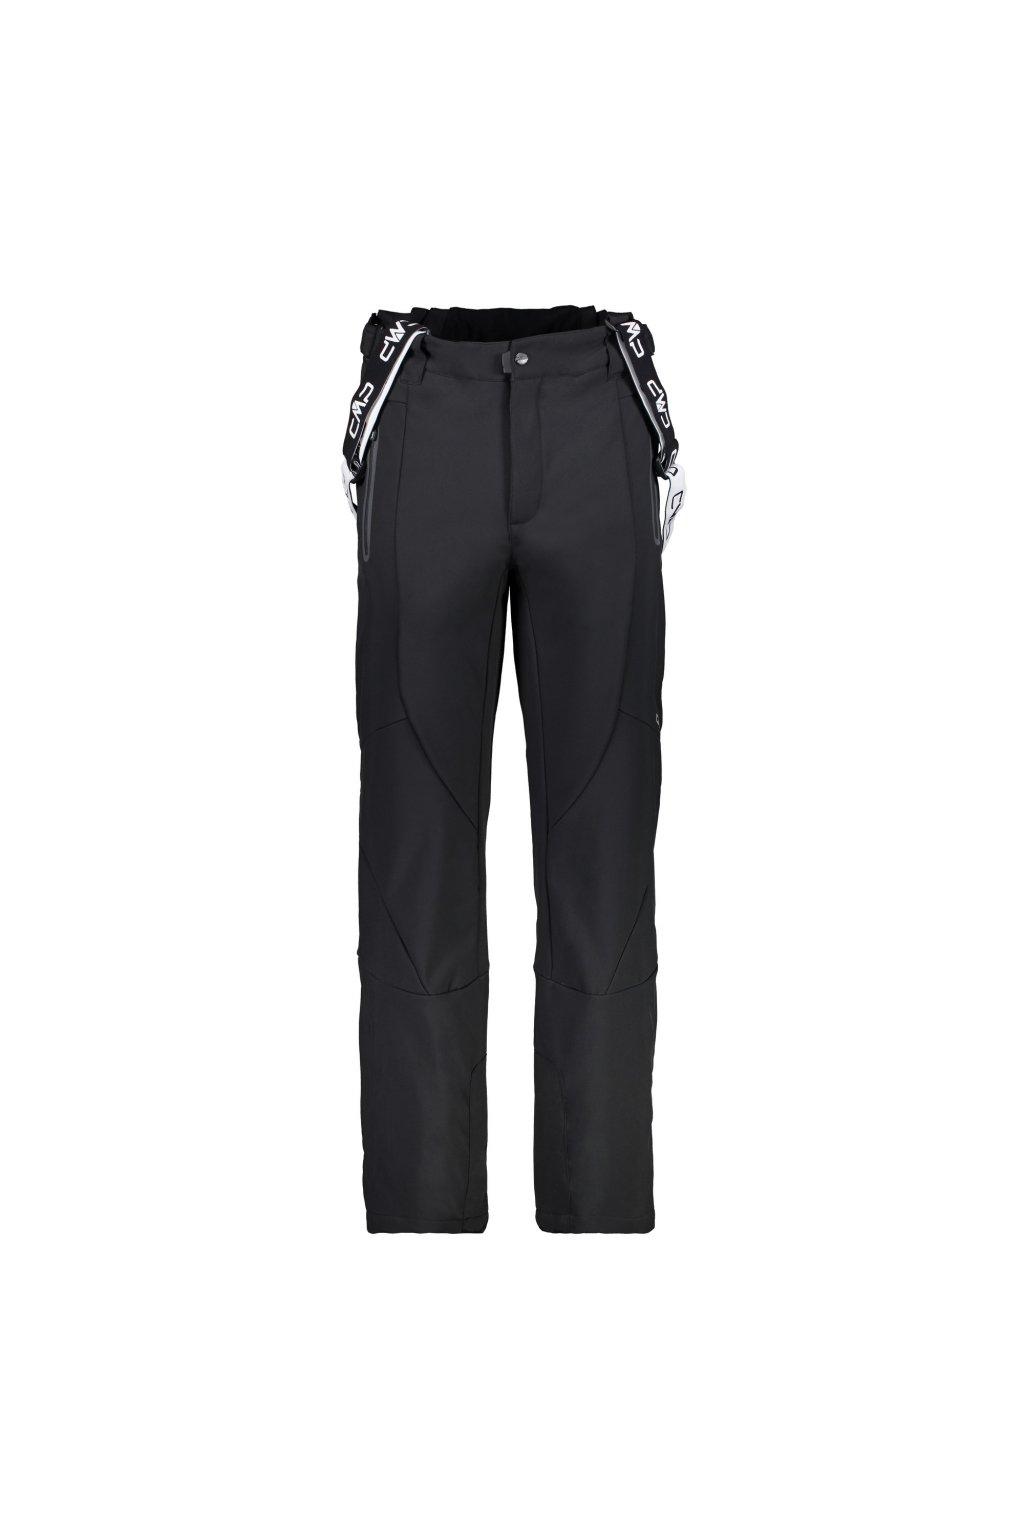 lyziarske nohavice cmp softshell 3W04407 91BG (1)